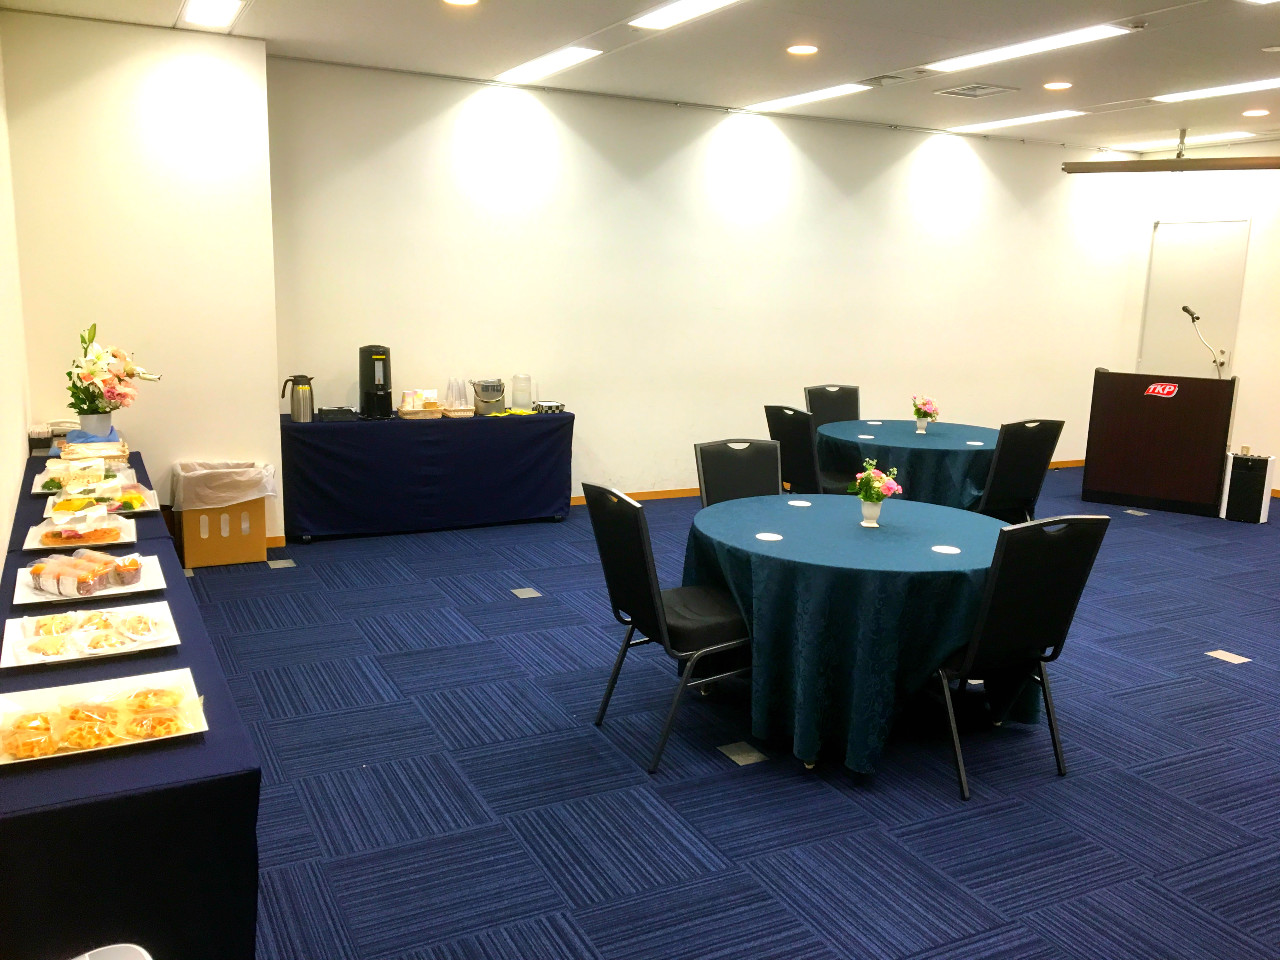 室 tkp 横浜 会議